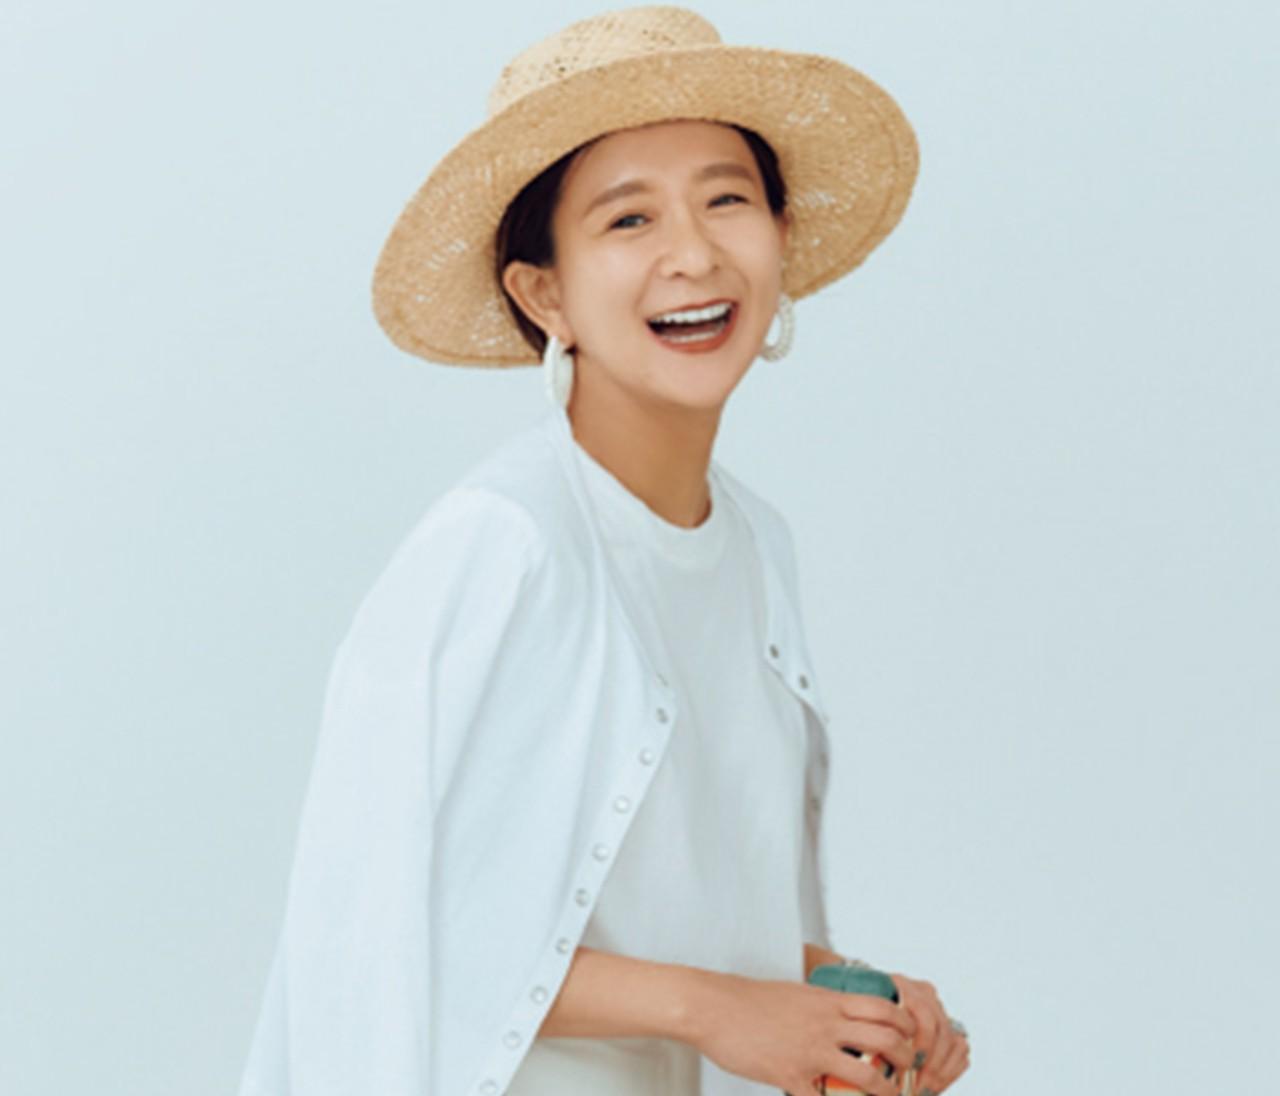 スタイリスト佐藤佳菜子さんの夏スタイルが素敵すぎる♡  シンプル派必見の小物使いをチェック!